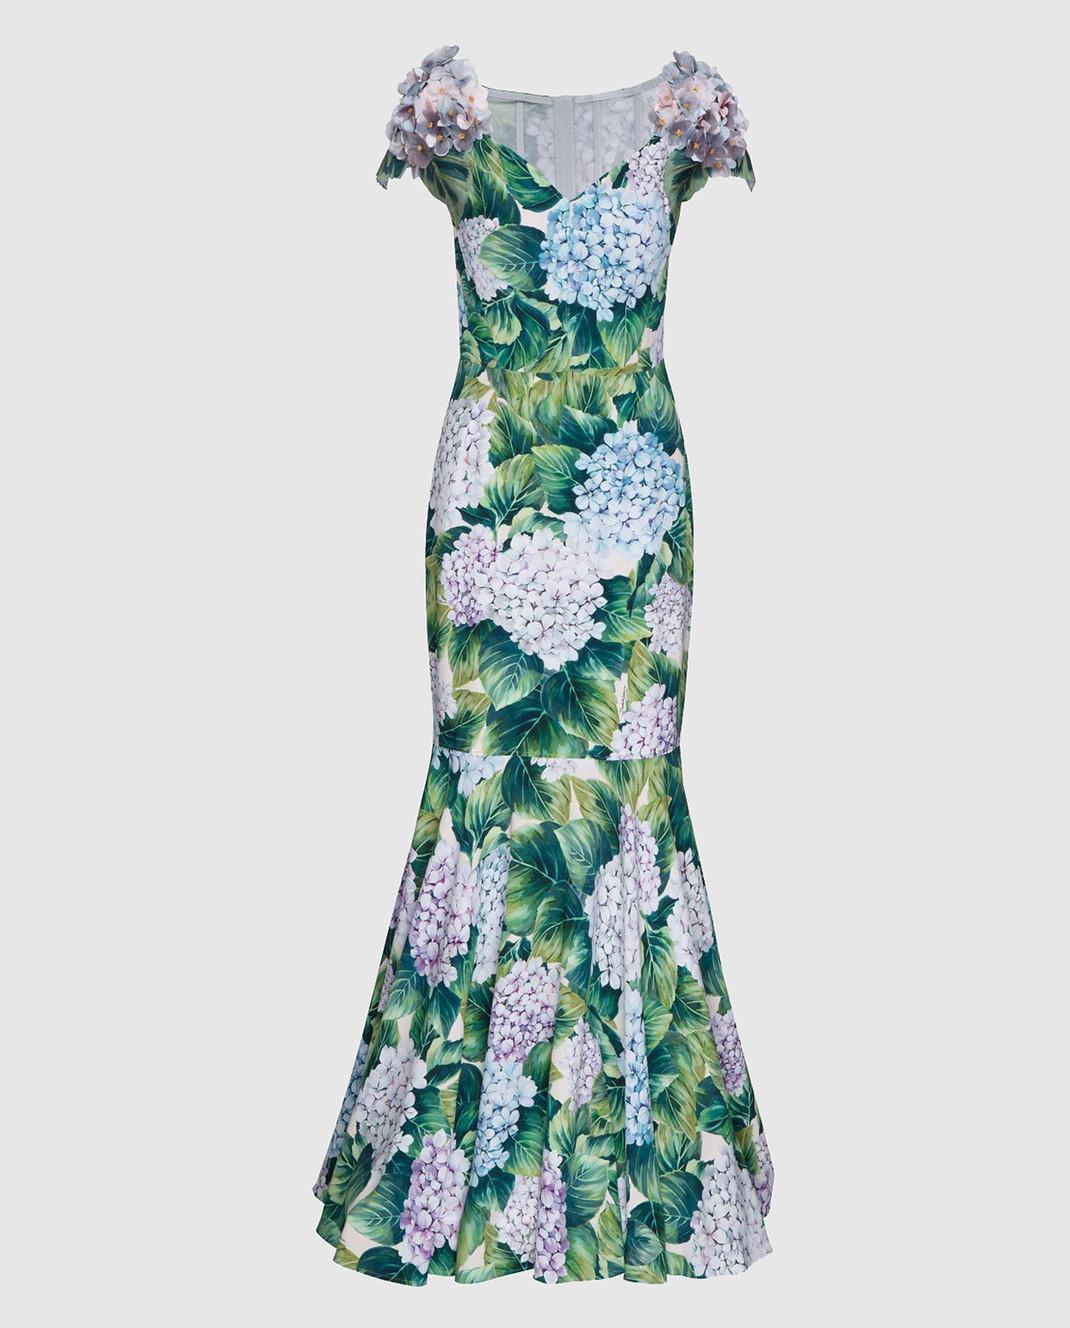 Dolce&Gabbana Зеленое платье изображение 1